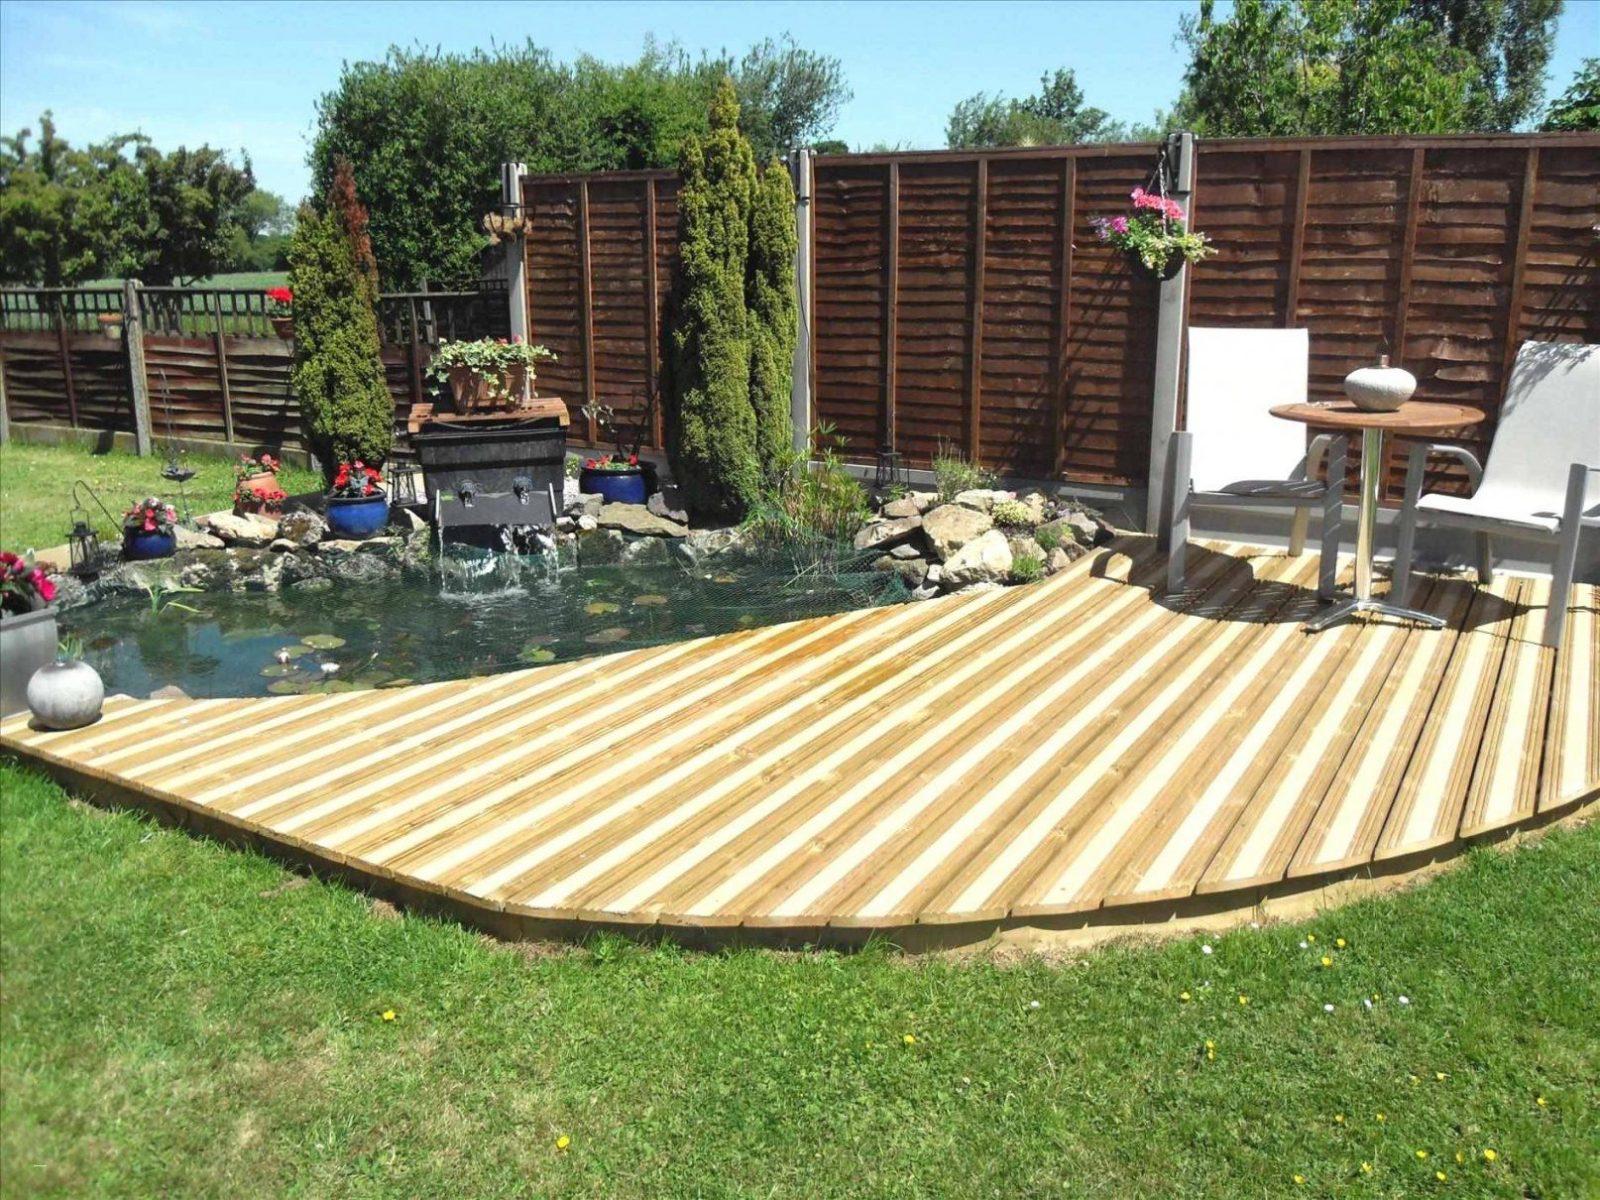 Vorgarten Gestalten Ideen Neu Luxus 40 Kleine Terrasse Gestalten von Kleine Terrasse Gestalten Ideen Bild